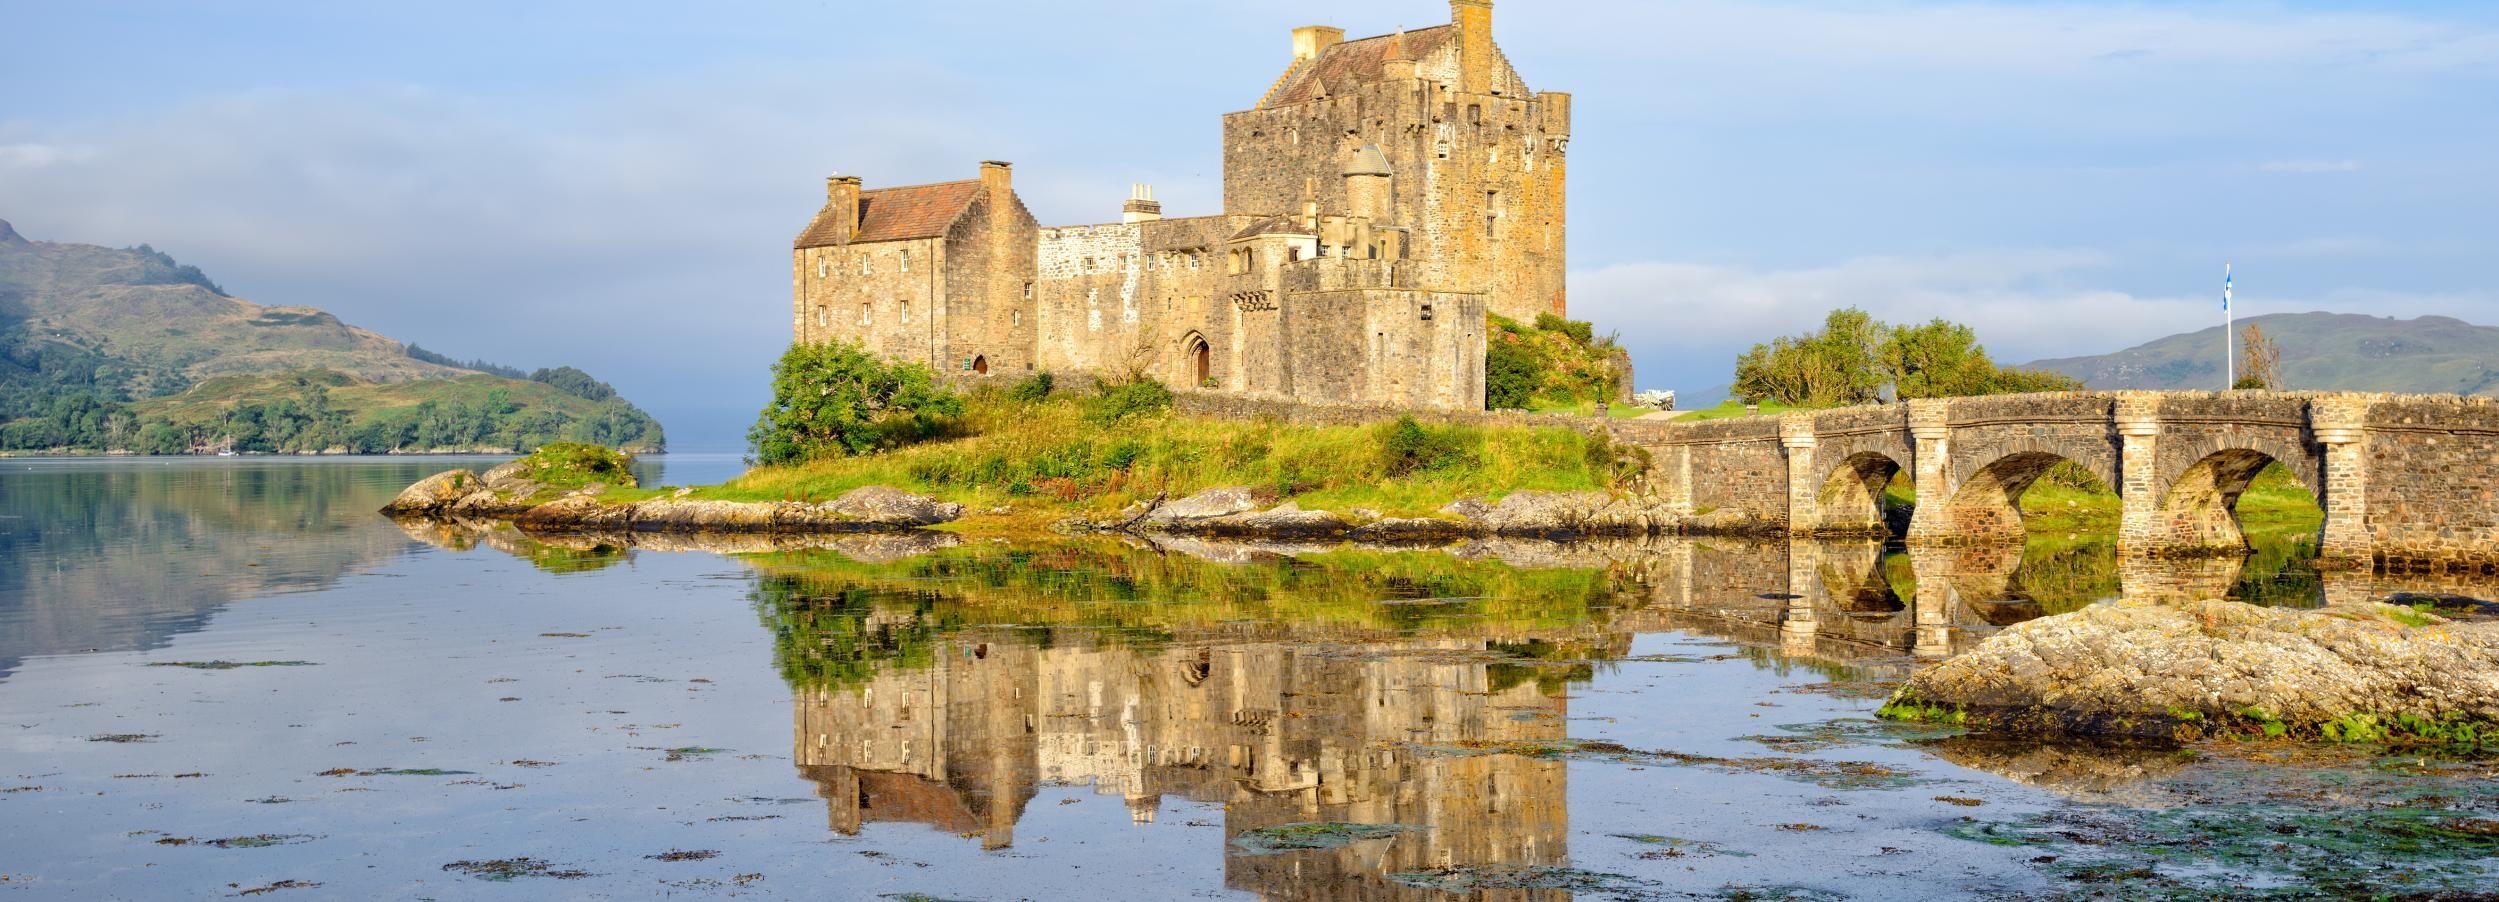 Isla de Skye y castillo de Eilean Donan desde Inverness